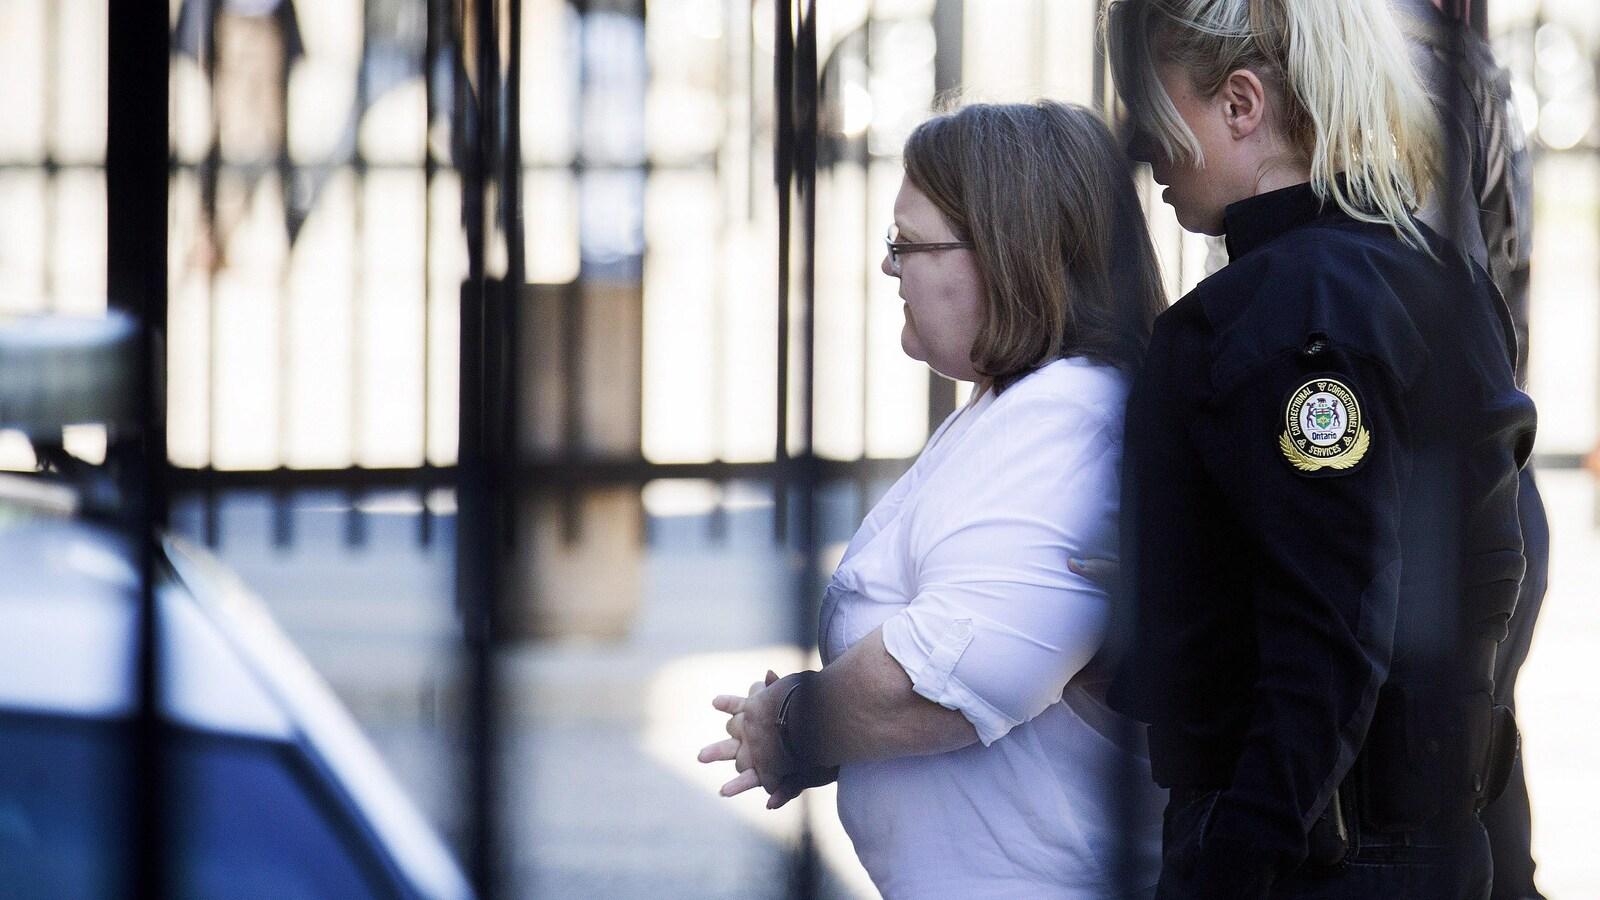 Photo de Wettlaufer qui est suivie par une policière alors qu'elle se dirige vers le tribunal.